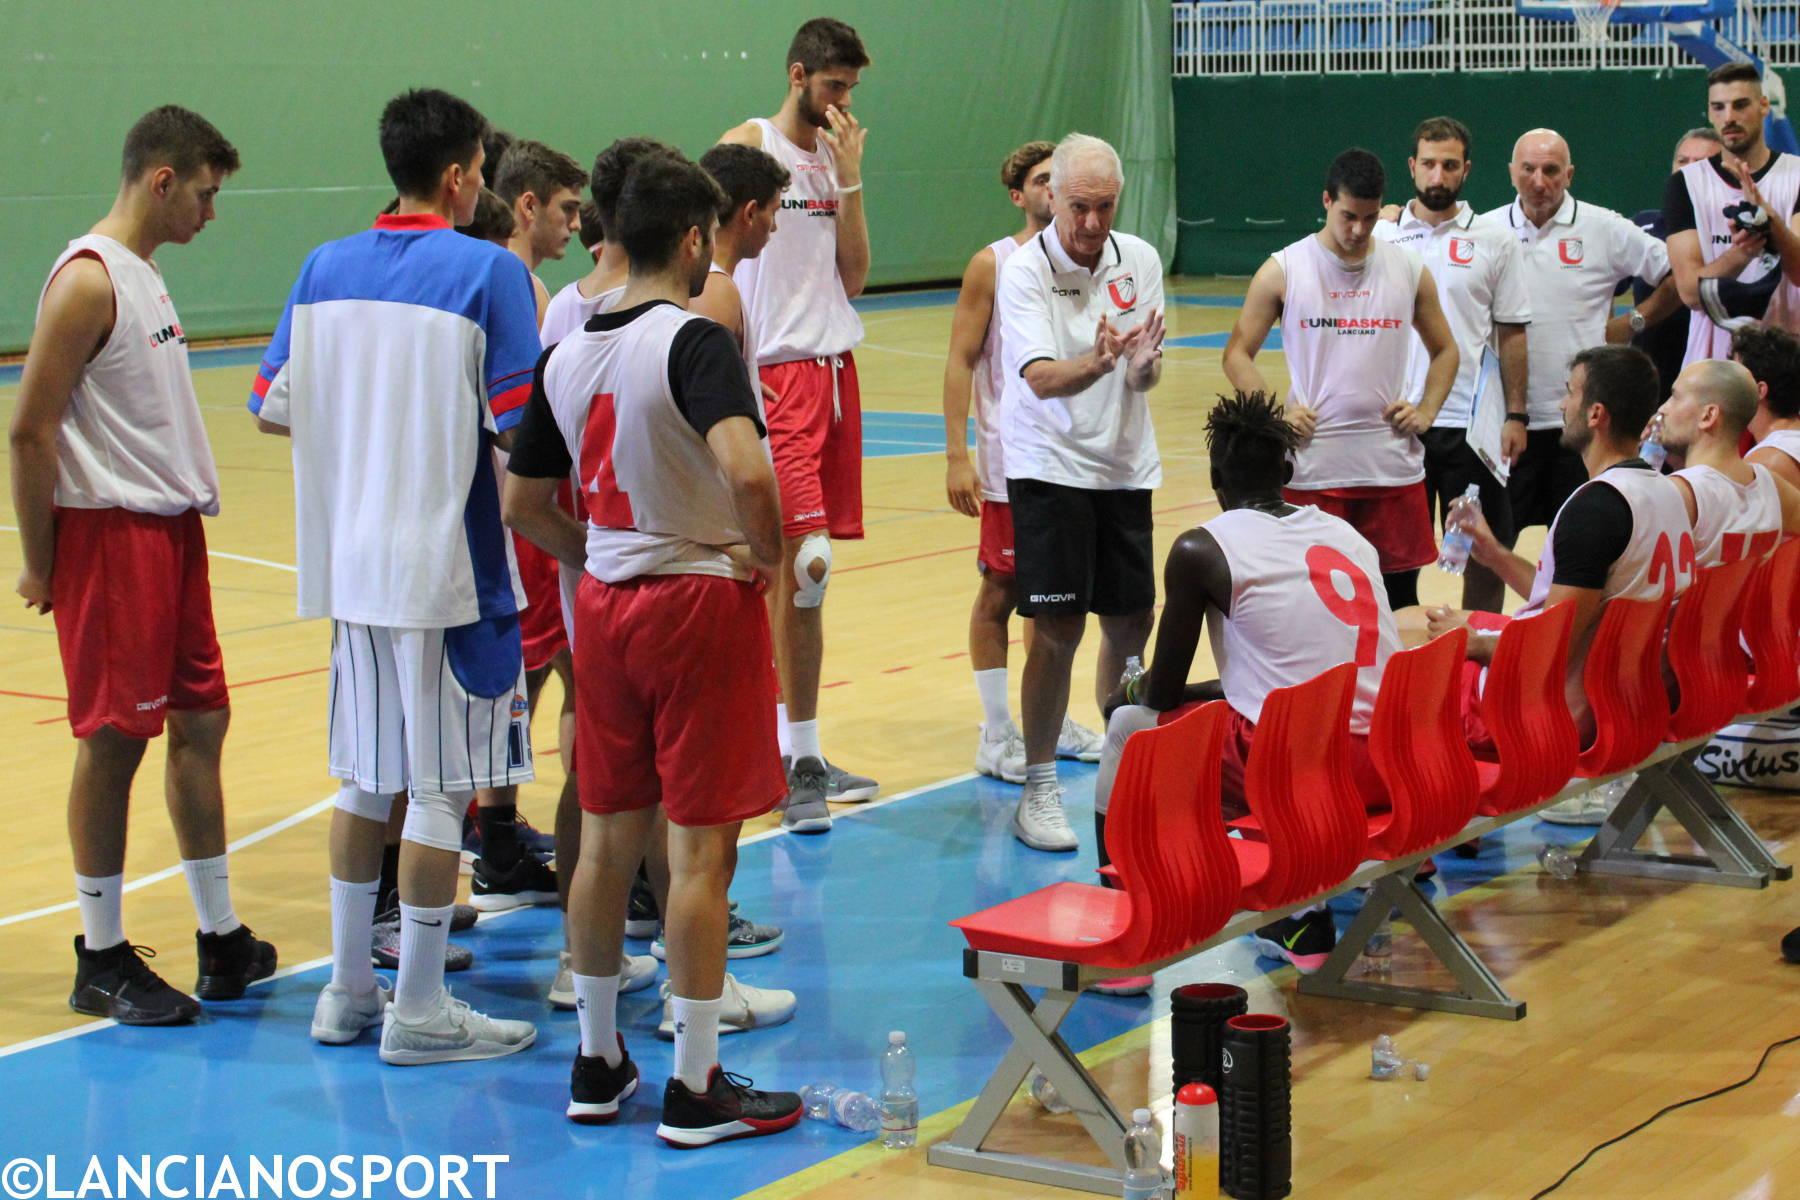 Torneo Città di Lanciano, la finale è Unibasket-Giulianova